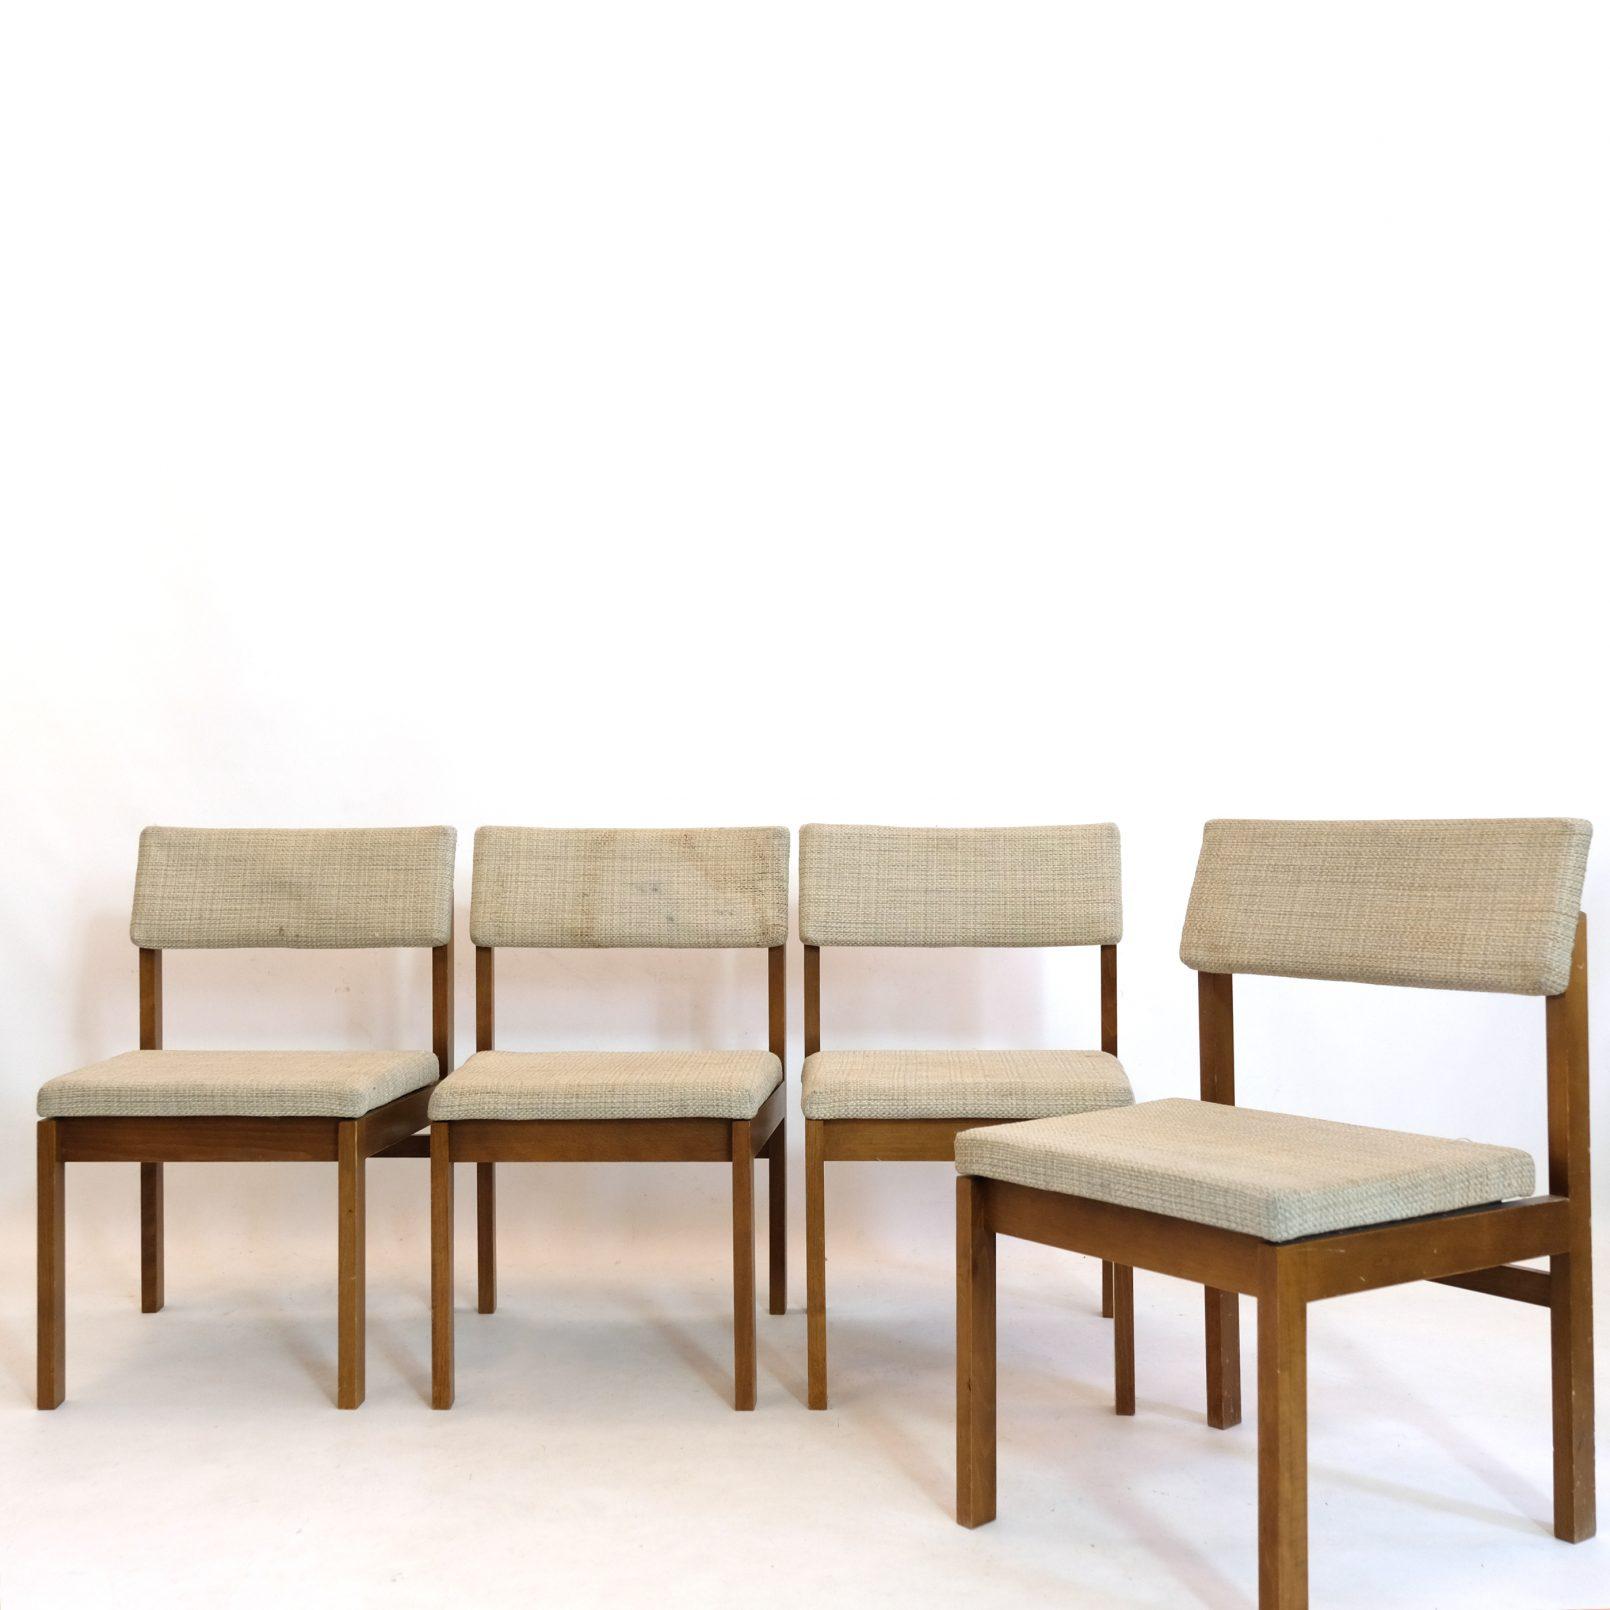 Suite de quatre chaises en bois et draps de laine par Willy Guhl, 1959.